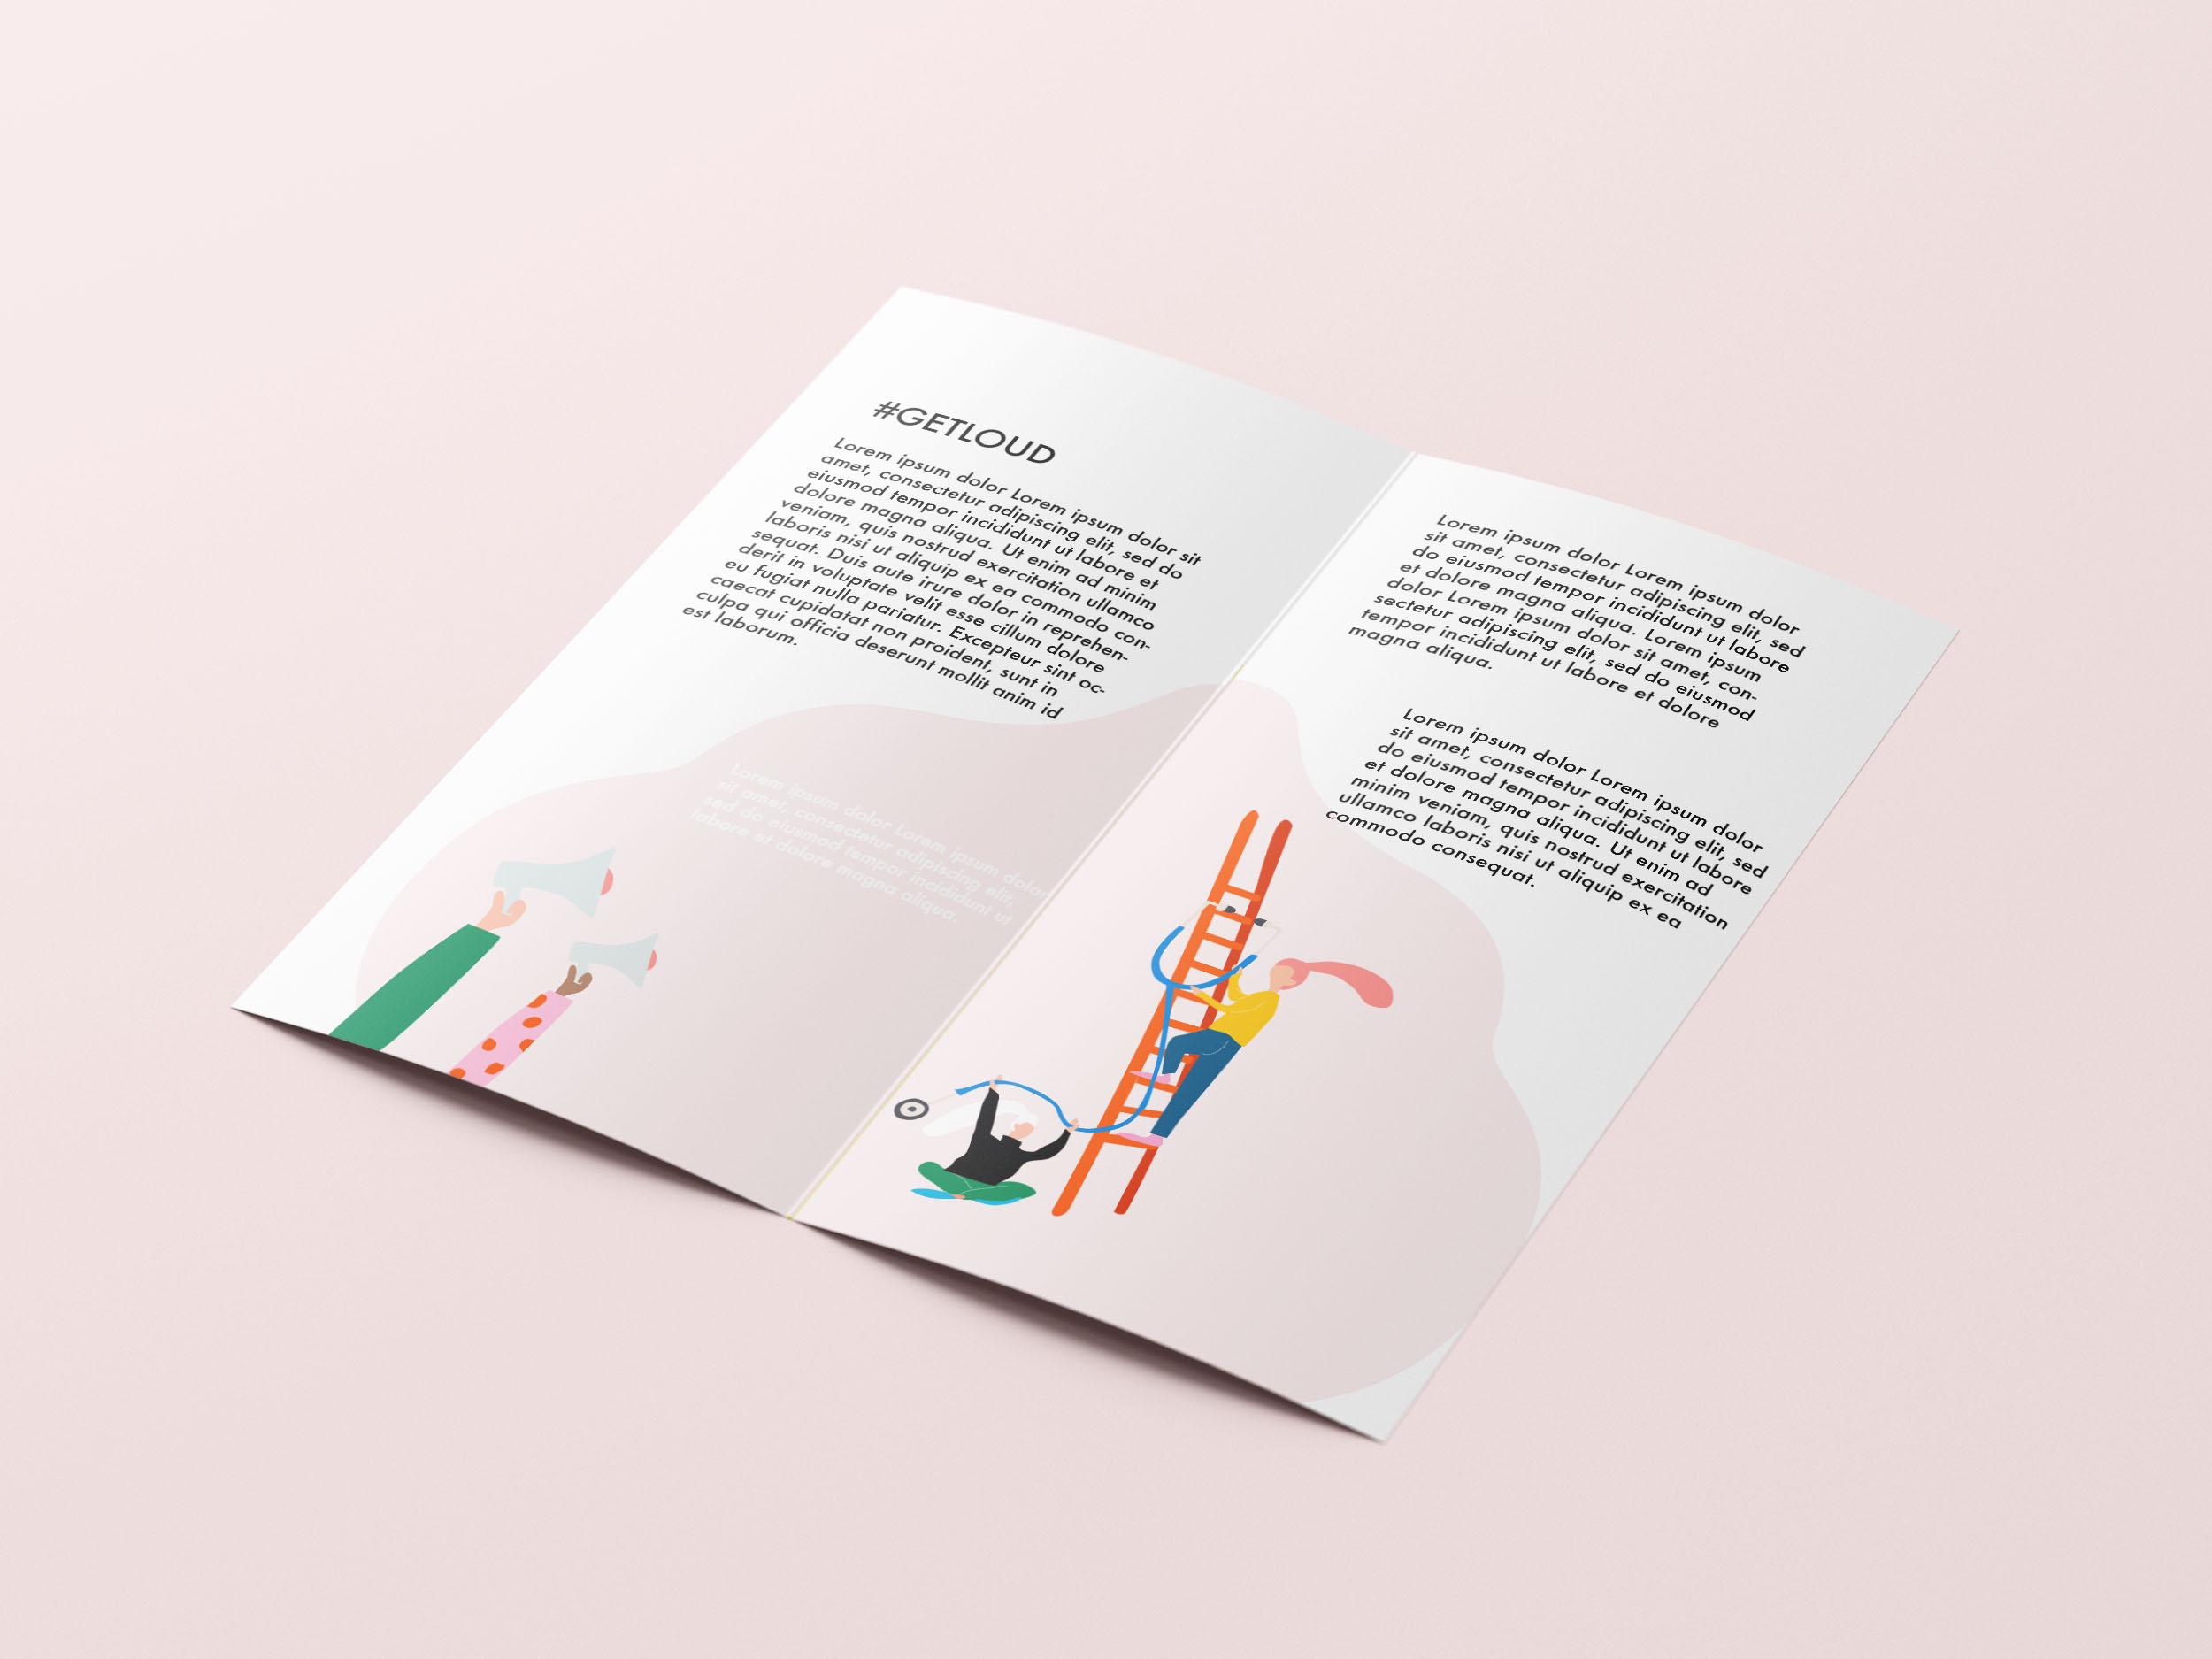 #GetLoud Open Brochure.jpg